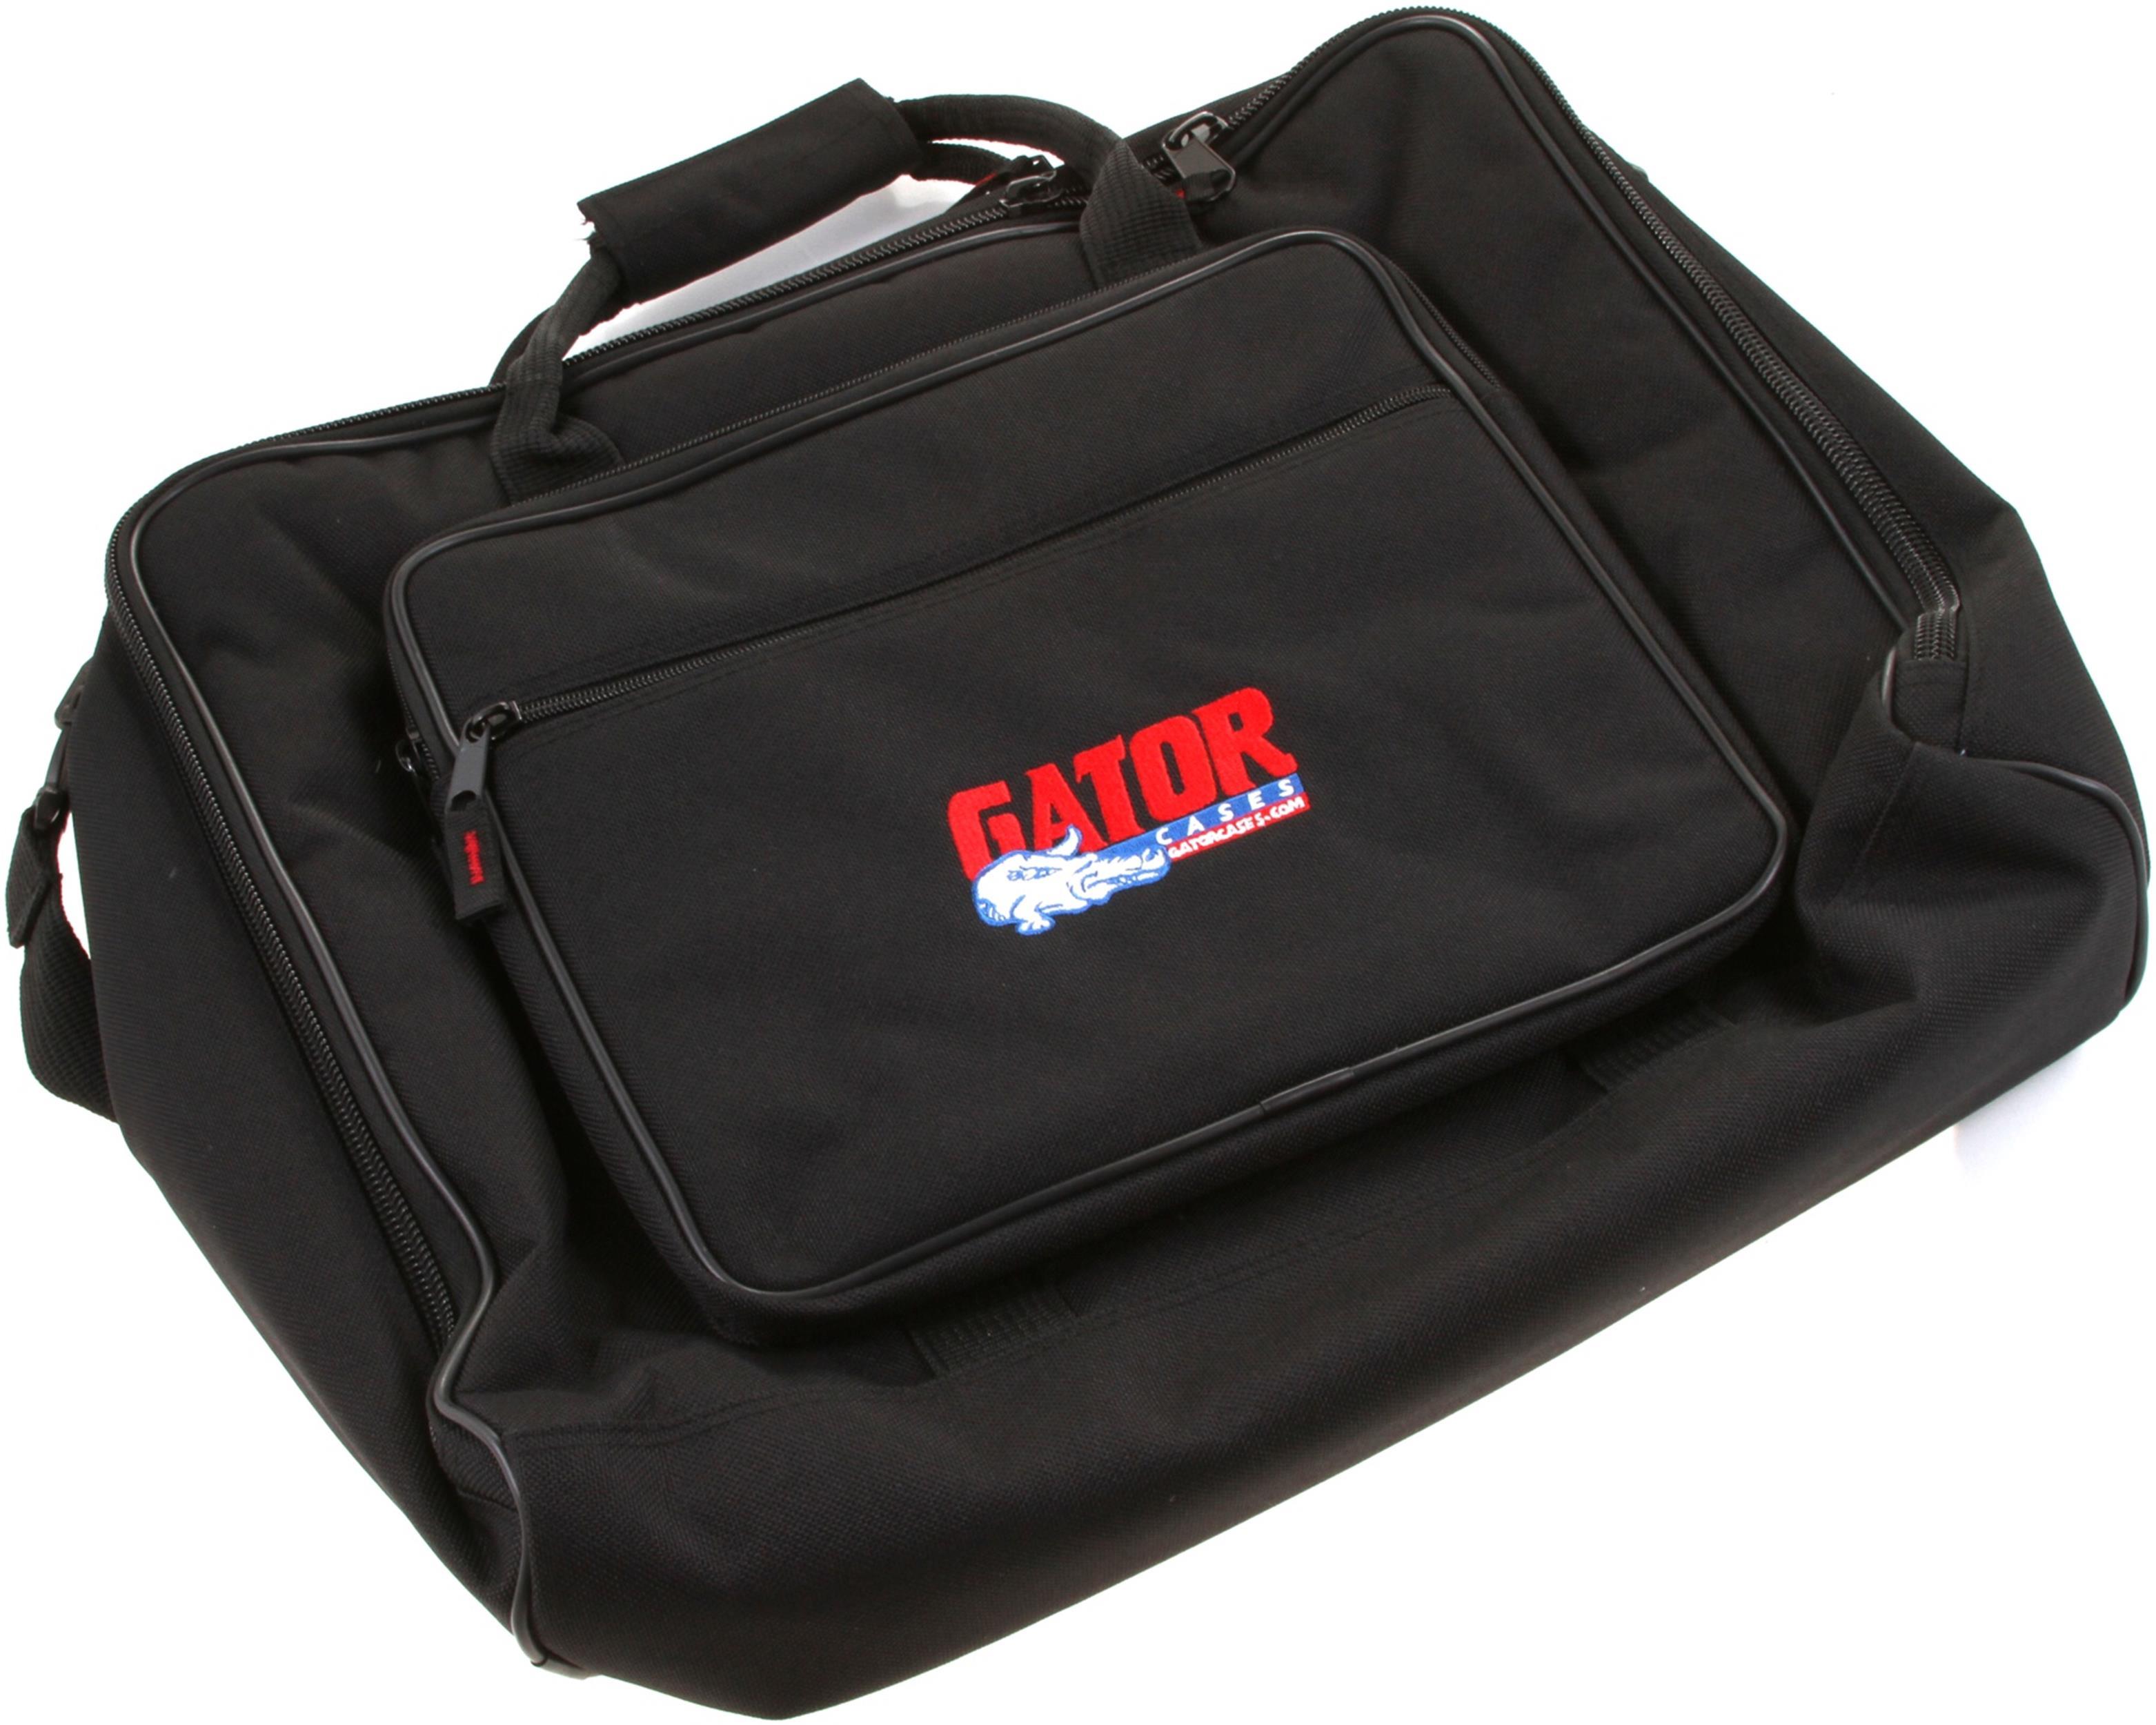 Gator-Cases-G-MIXERBAG-1815-borsa-per-mixer-sku-2758742422016